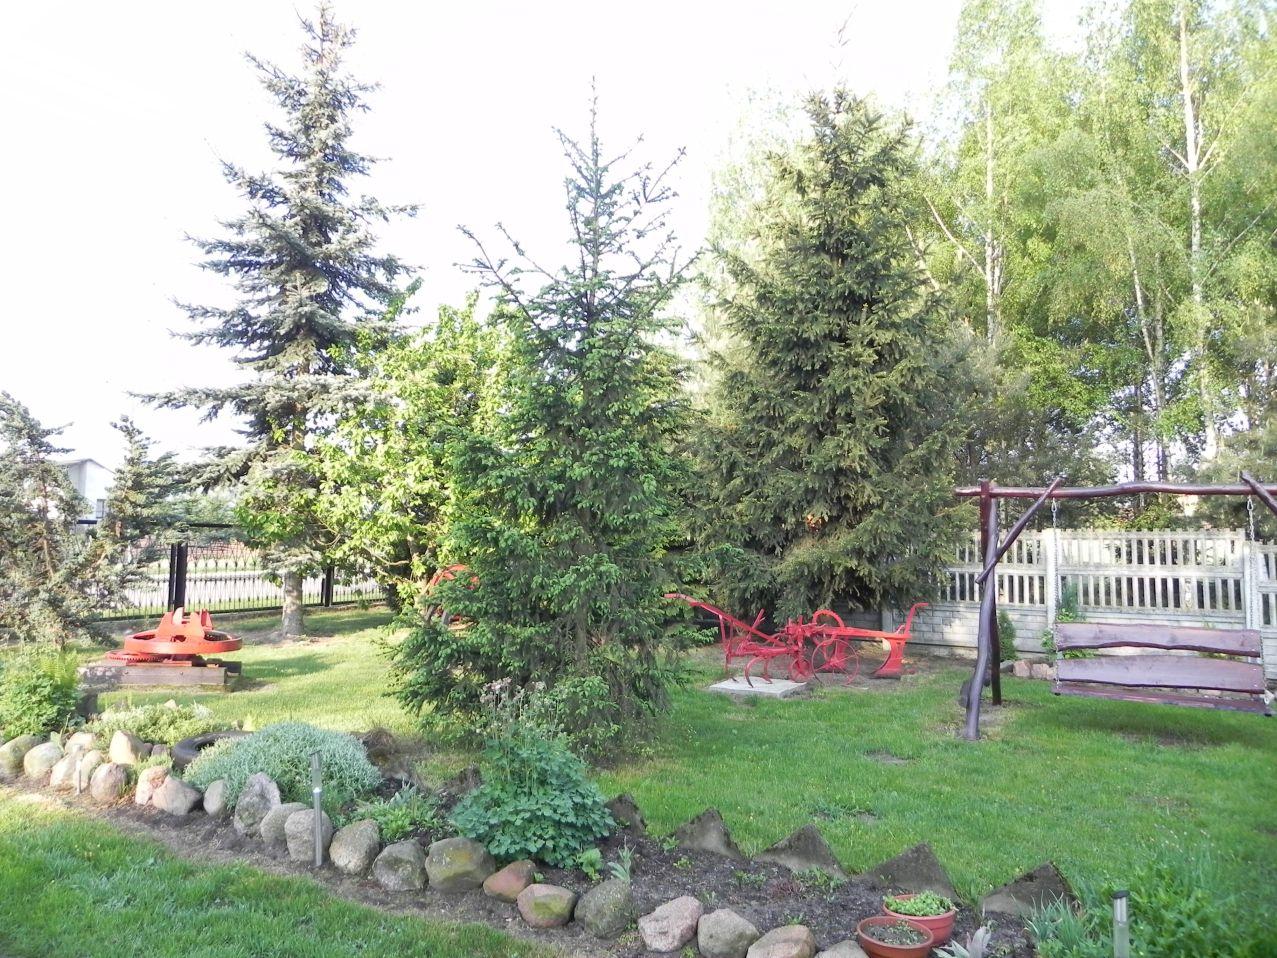 Galeria zdjęć Sochowej Zagrody - podwórko i przyroda (25)